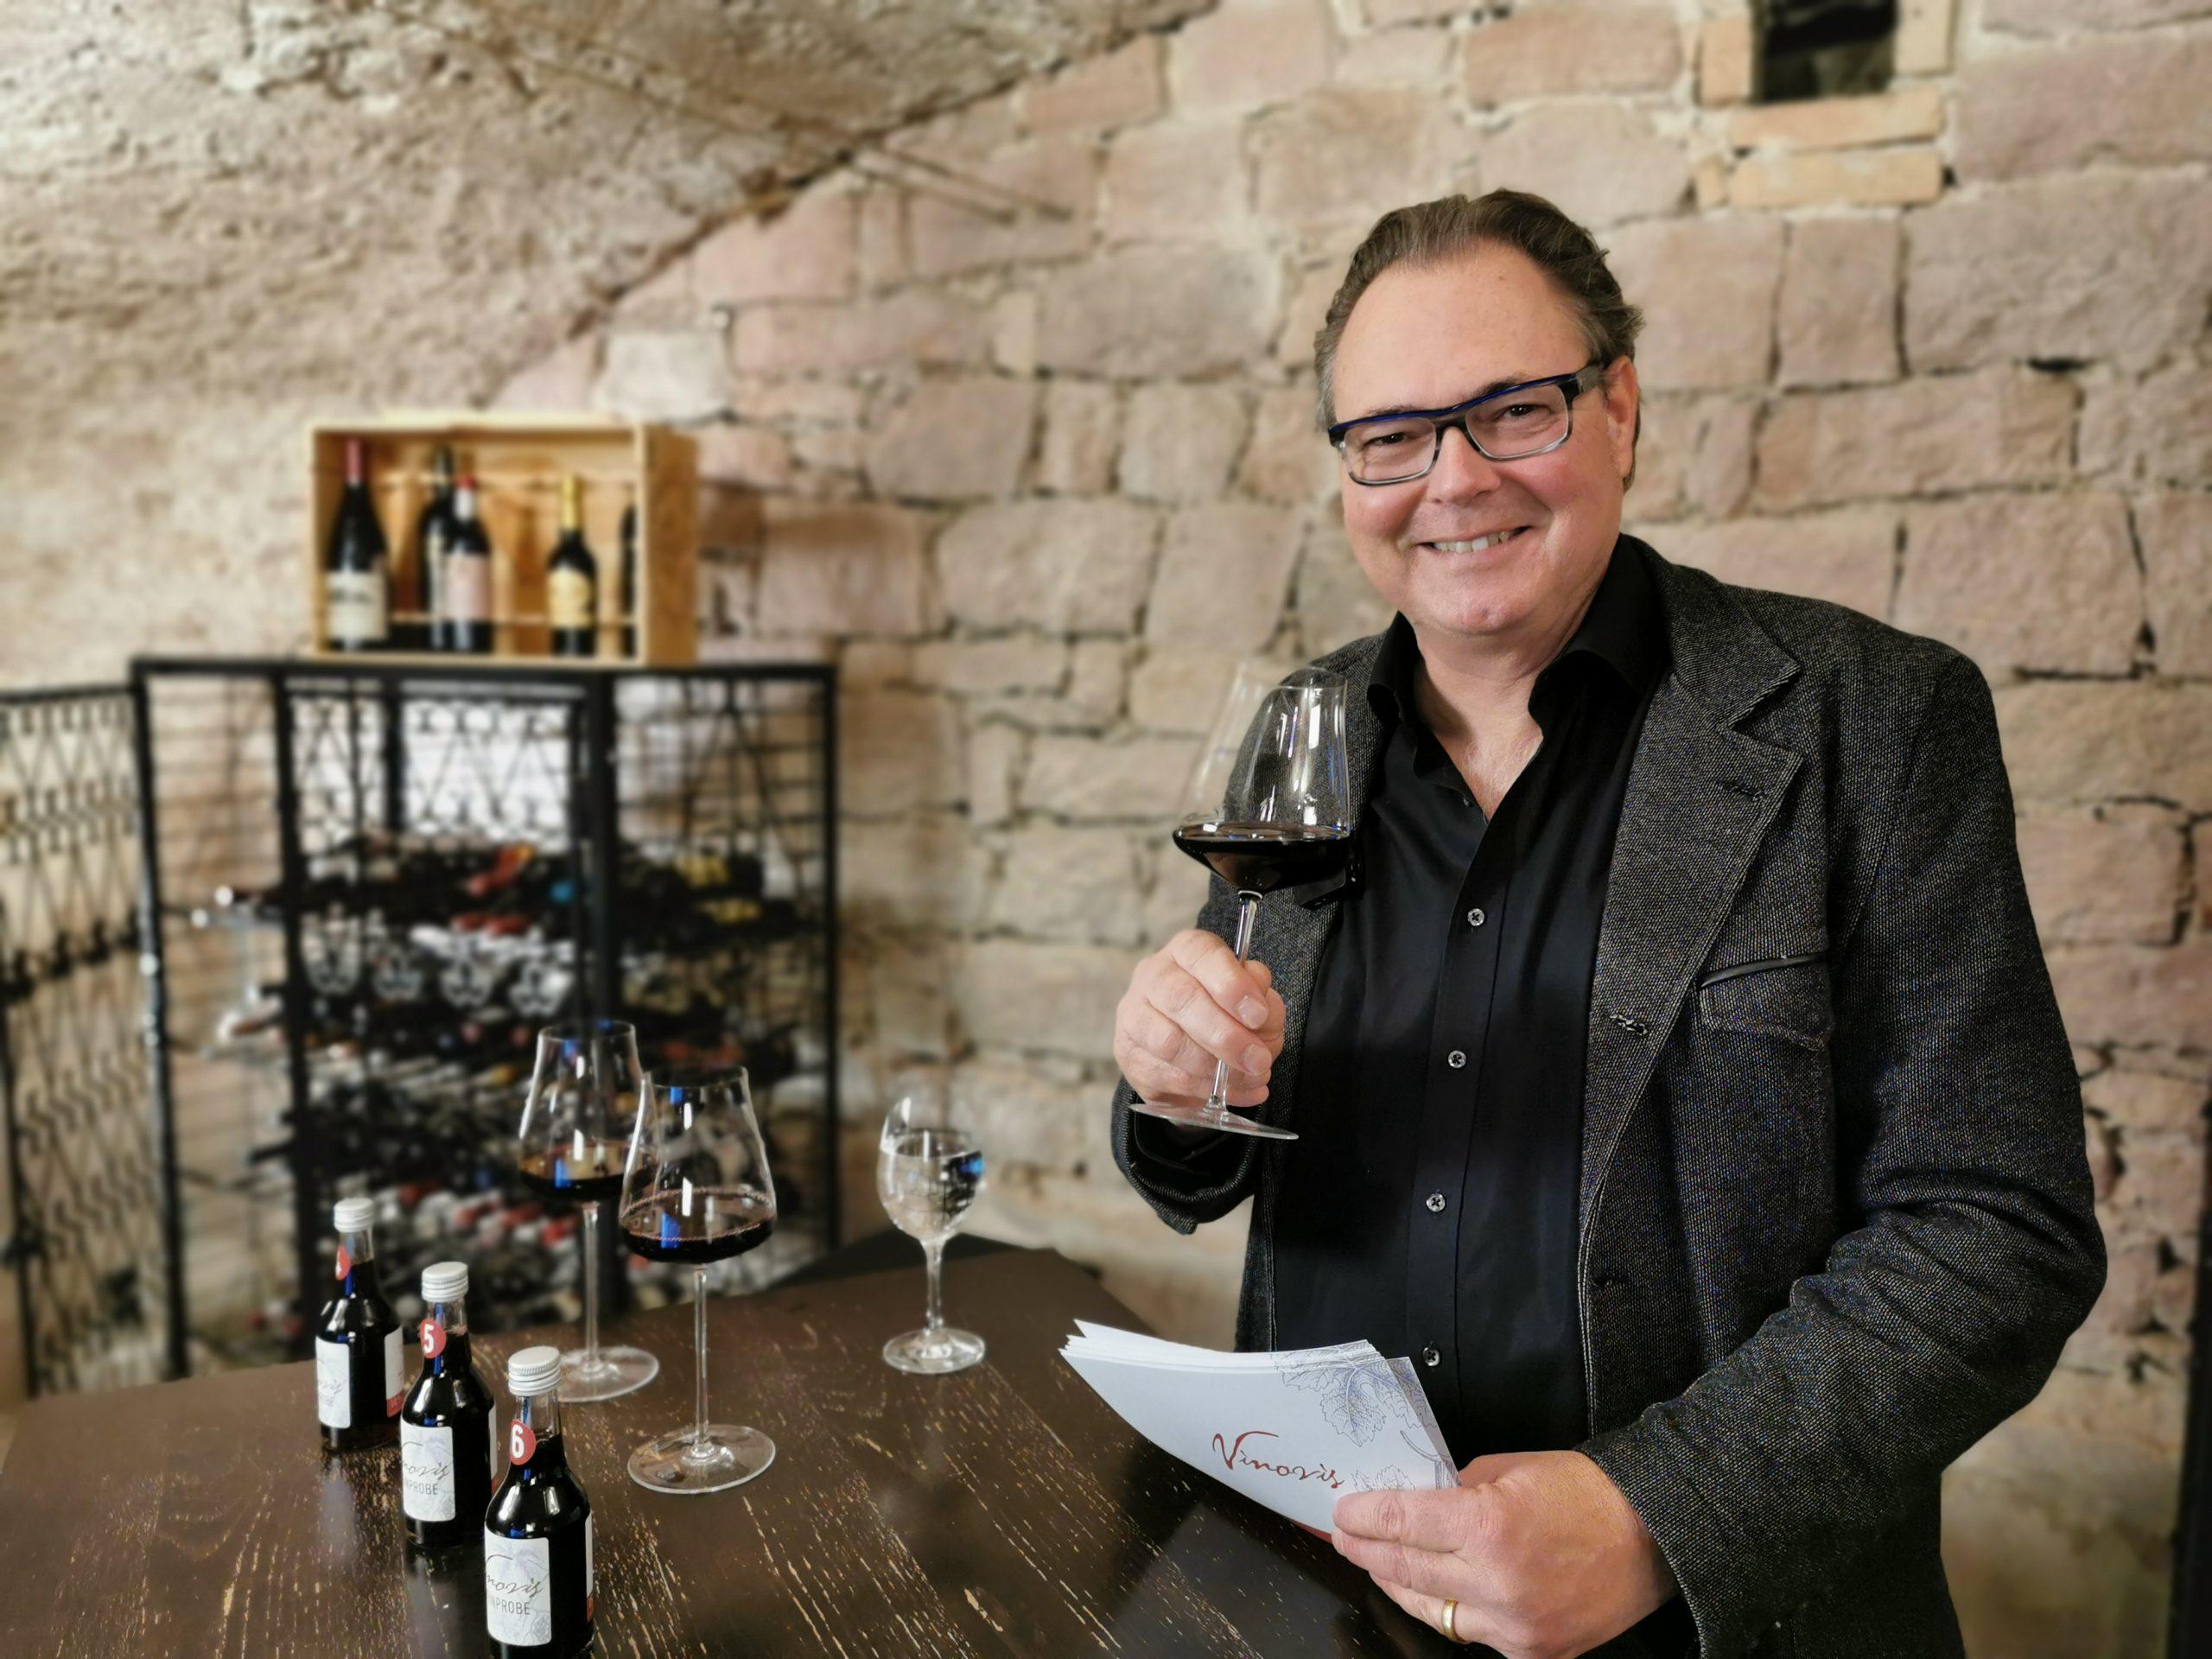 Vinovis - Die virtuelle Weinprobe